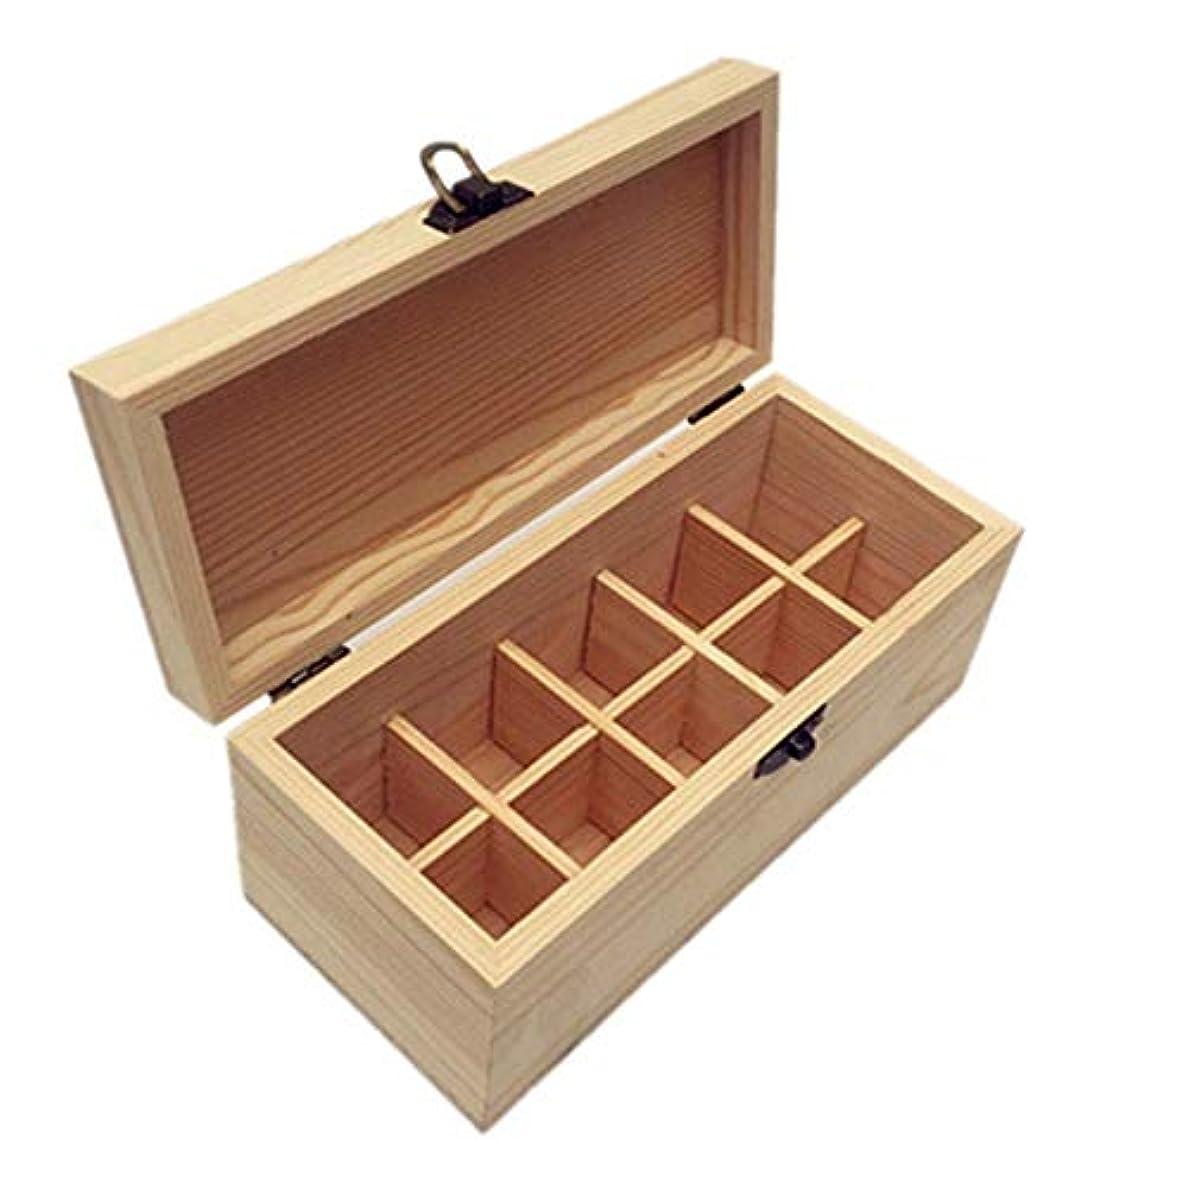 カリキュラムイブトランスペアレントエッセンシャルオイル収納ボックス アロマ油の10個のスロット木製のエッセンシャルオイルストレージボックスオーガナイザーは21.2x9.5x9cmボトル (色 : Natural, サイズ : 21.2X9.5X9CM)